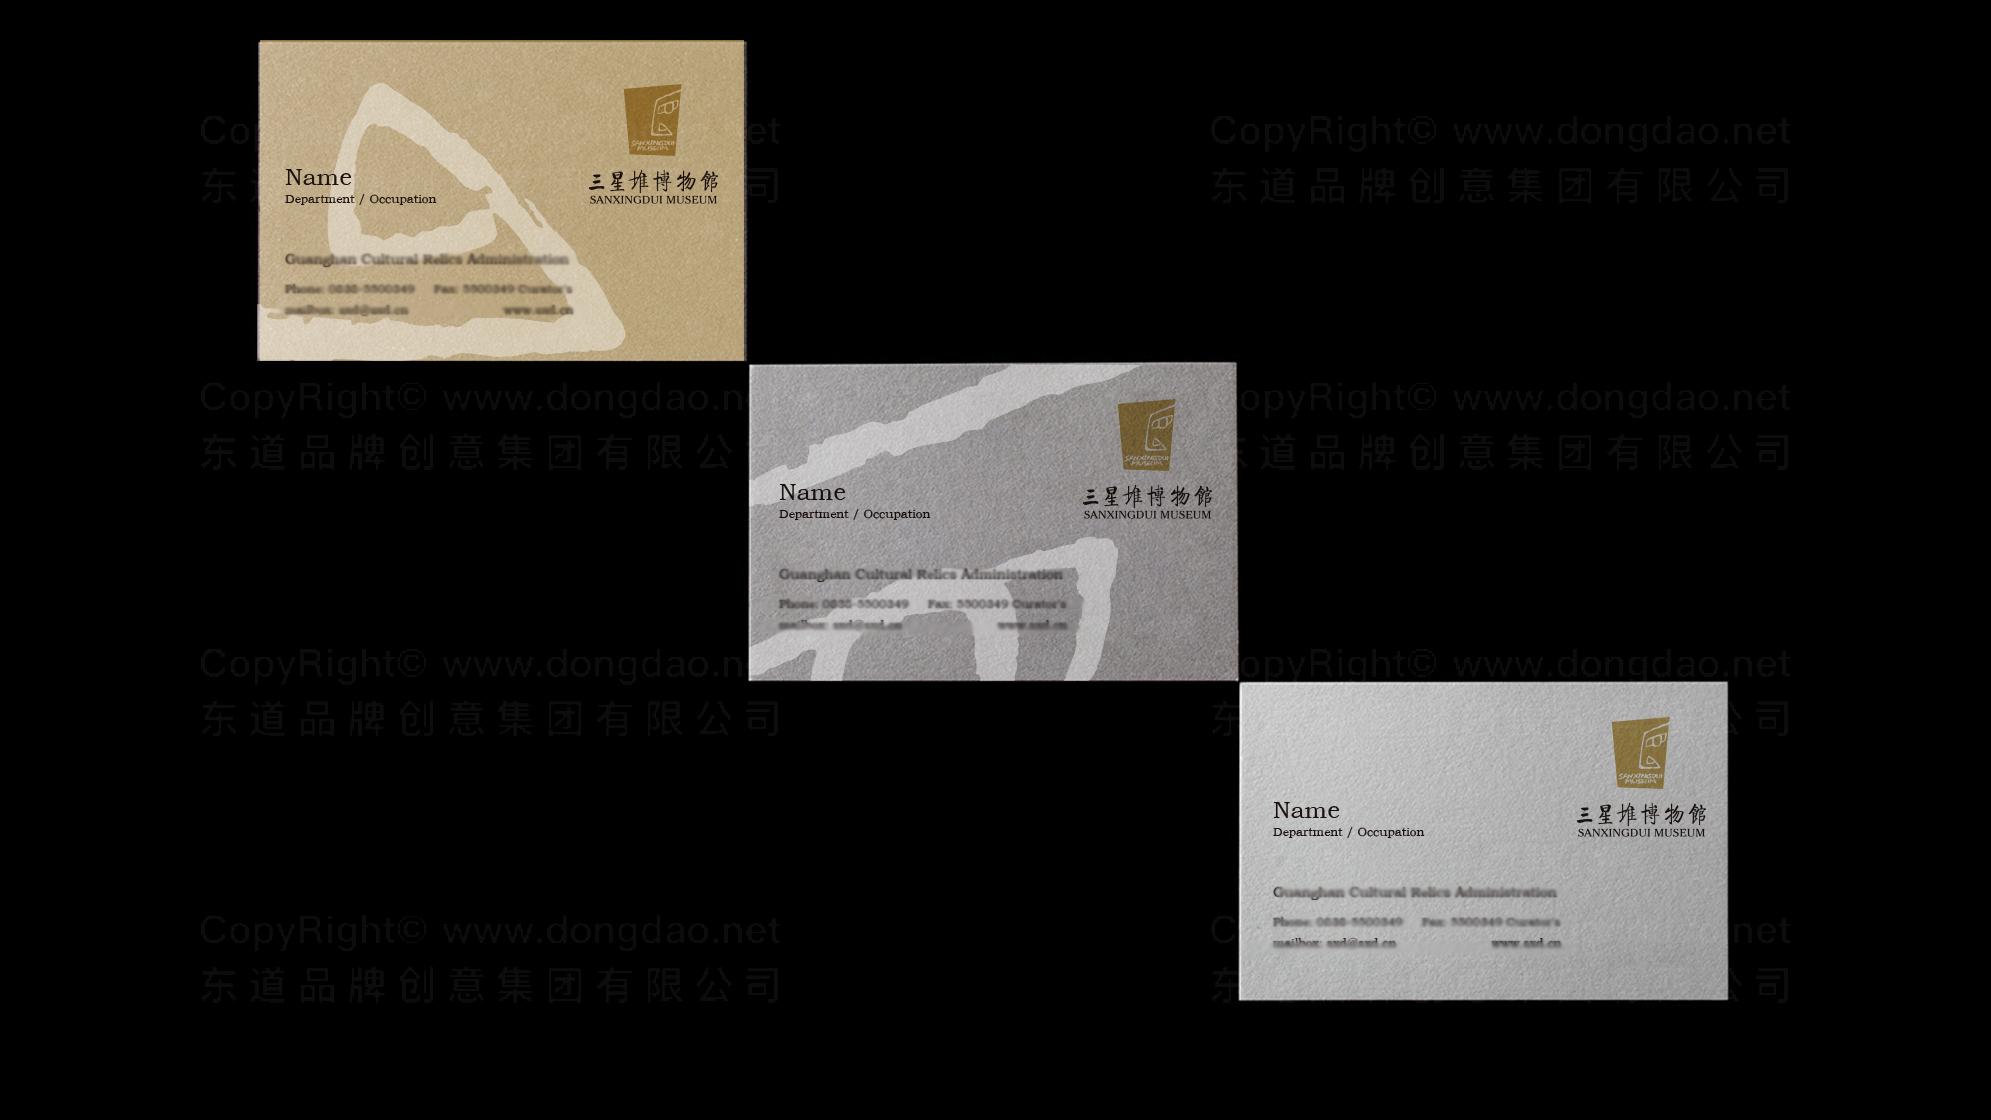 品牌设计三星堆博物馆LOGO&VI设计应用场景_1